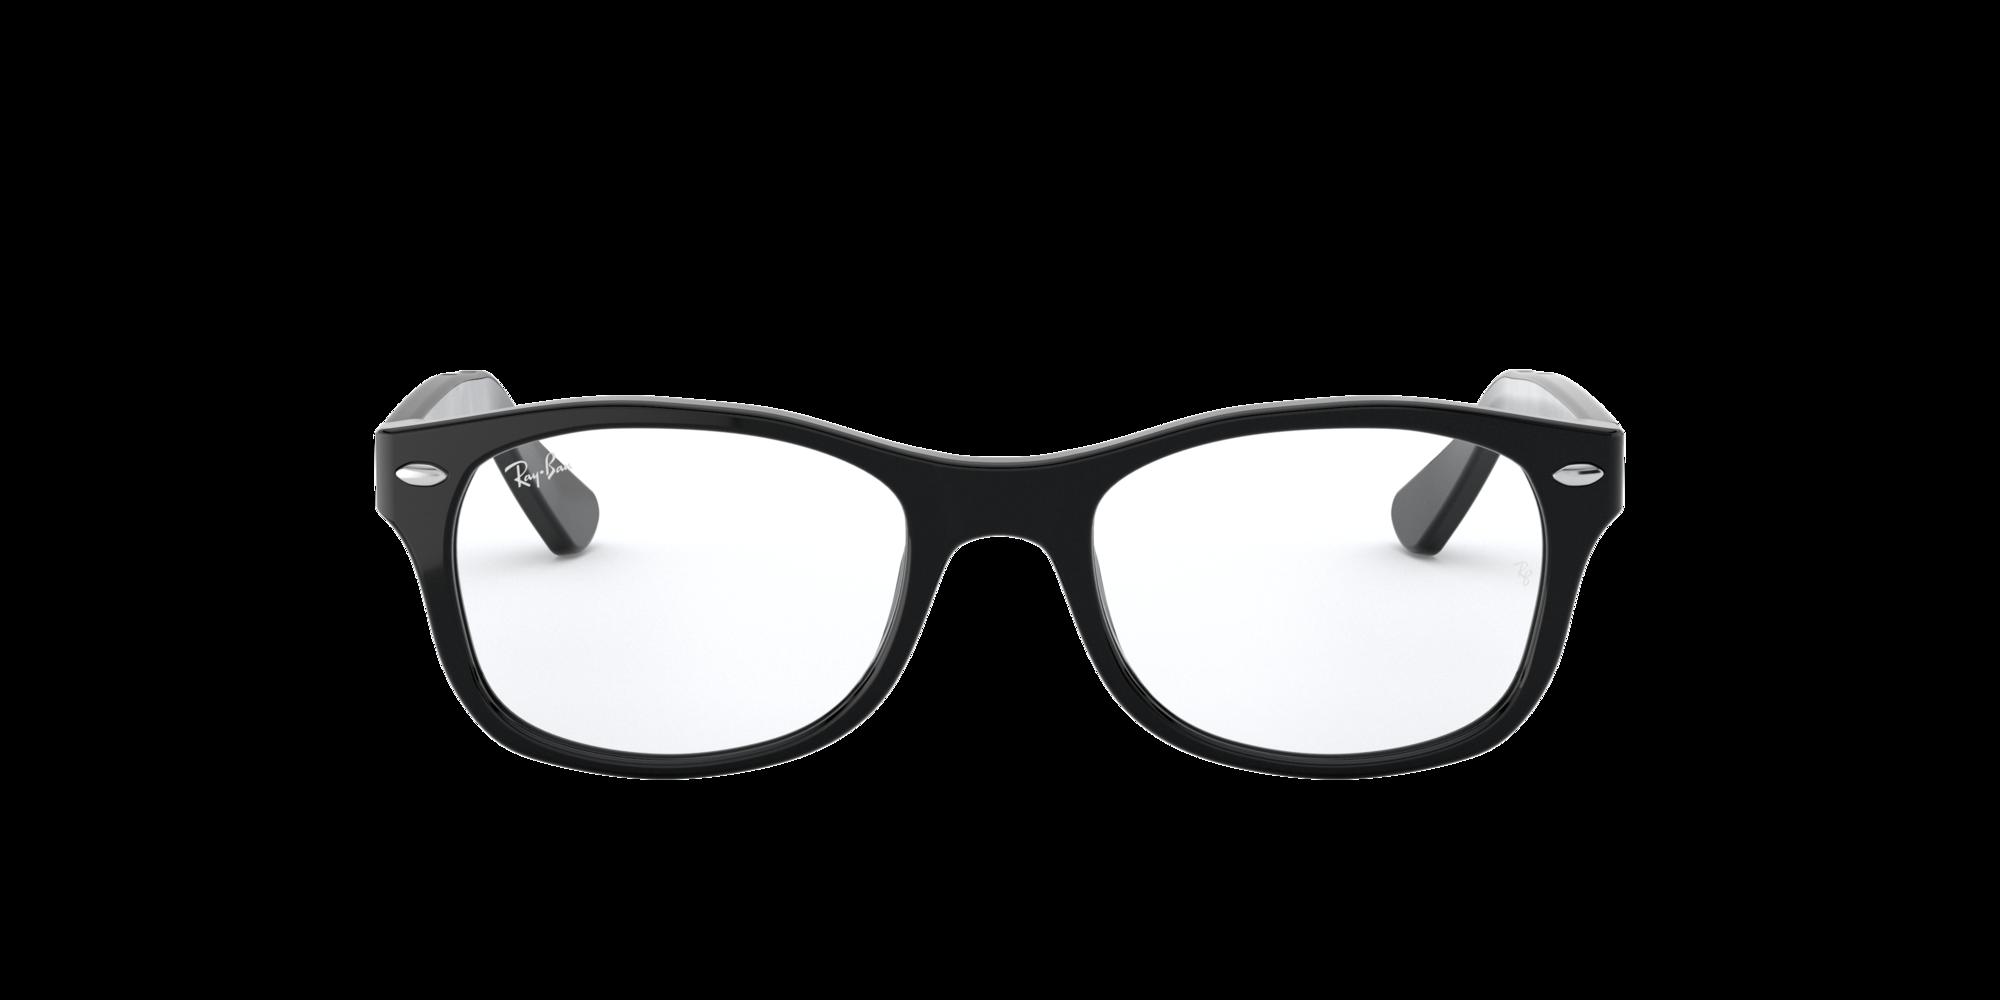 Imagen para RY1528 de LensCrafters |  Espejuelos, espejuelos graduados en línea, gafas